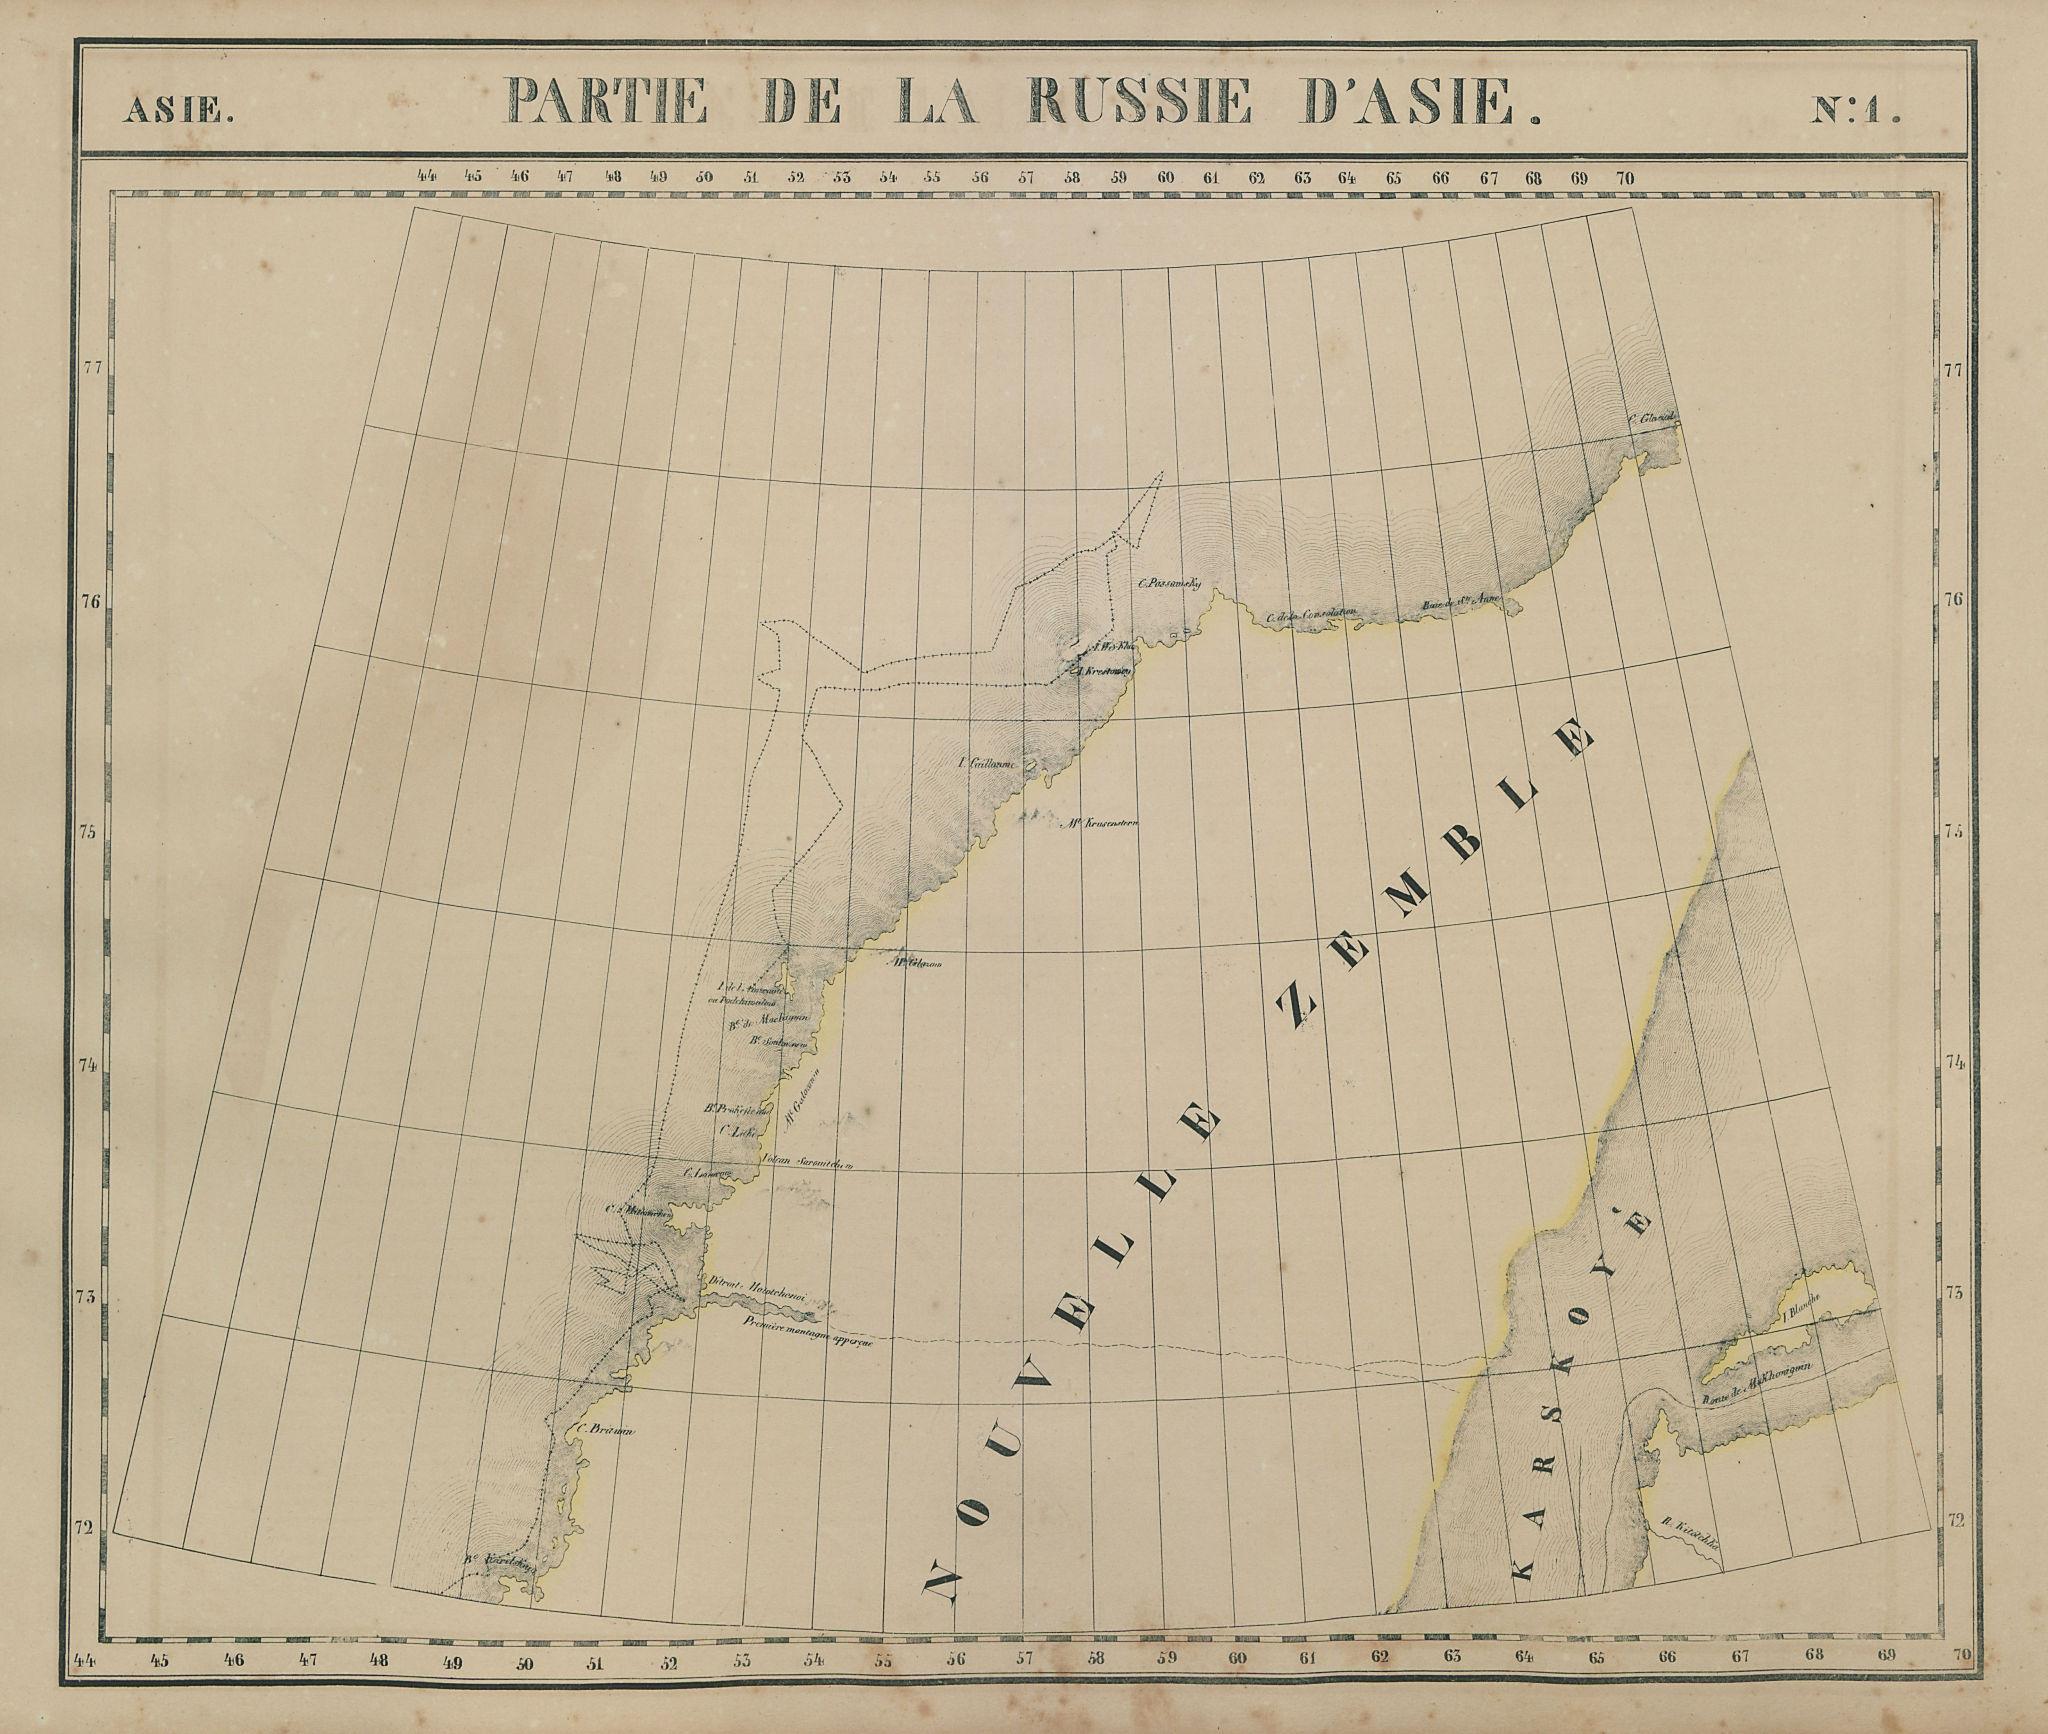 Russie d'Asie #1 Russia. Novaya Zemlya. Explorers' routes VANDERMAELEN 1827 map